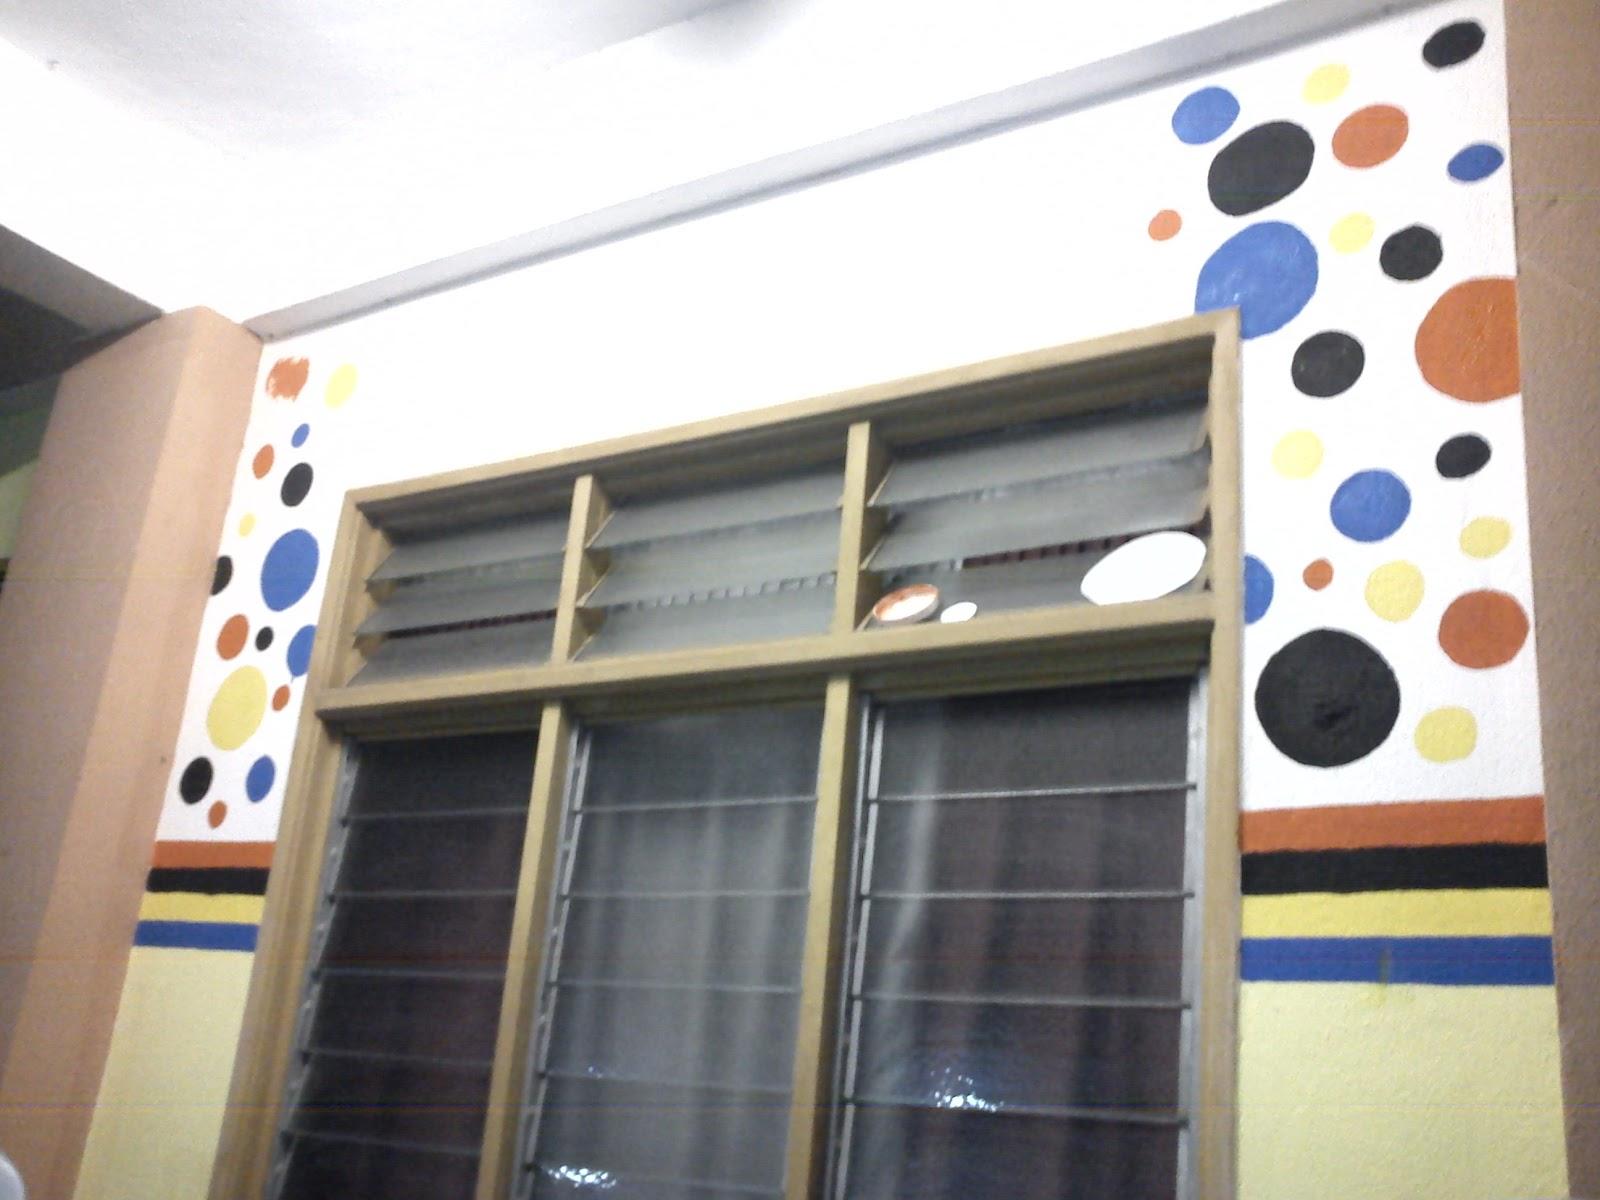 Mural bilik boss sraitaf teratak kehidupan mul for Mural sekolah rendah